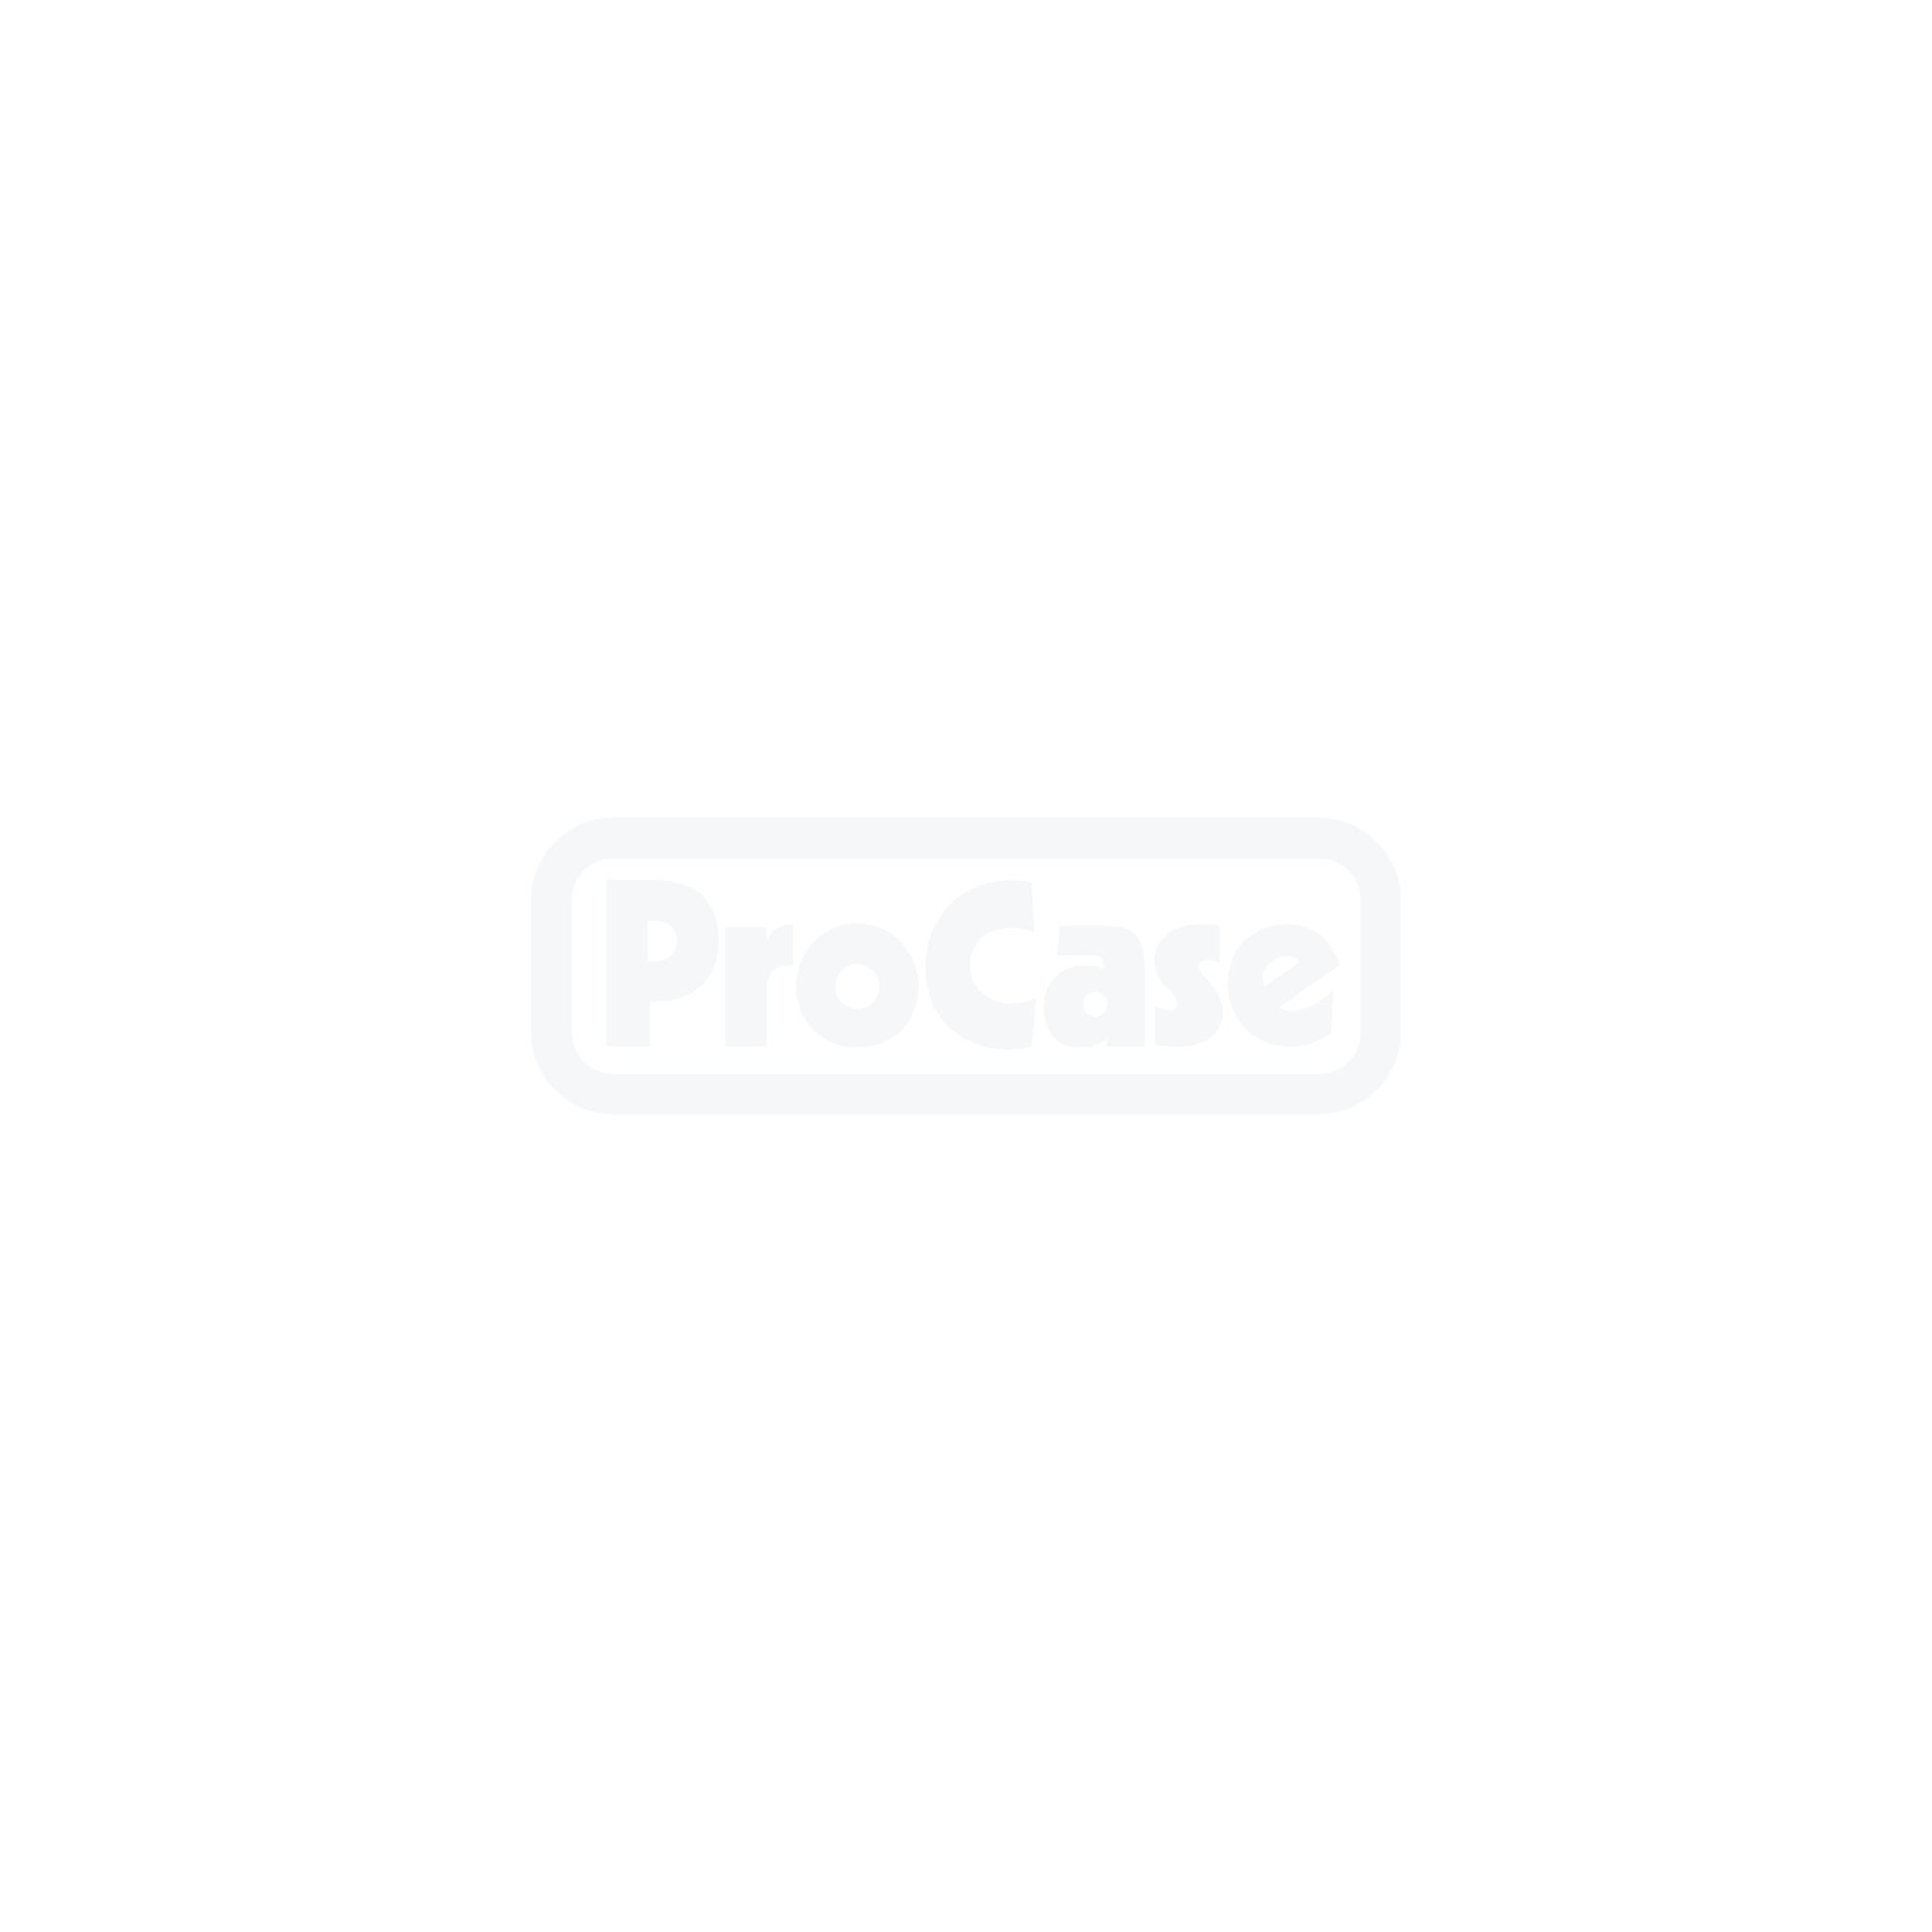 B-Ware Flightcase für Panasonic PT-DZ21K ohne Objektivüberstand